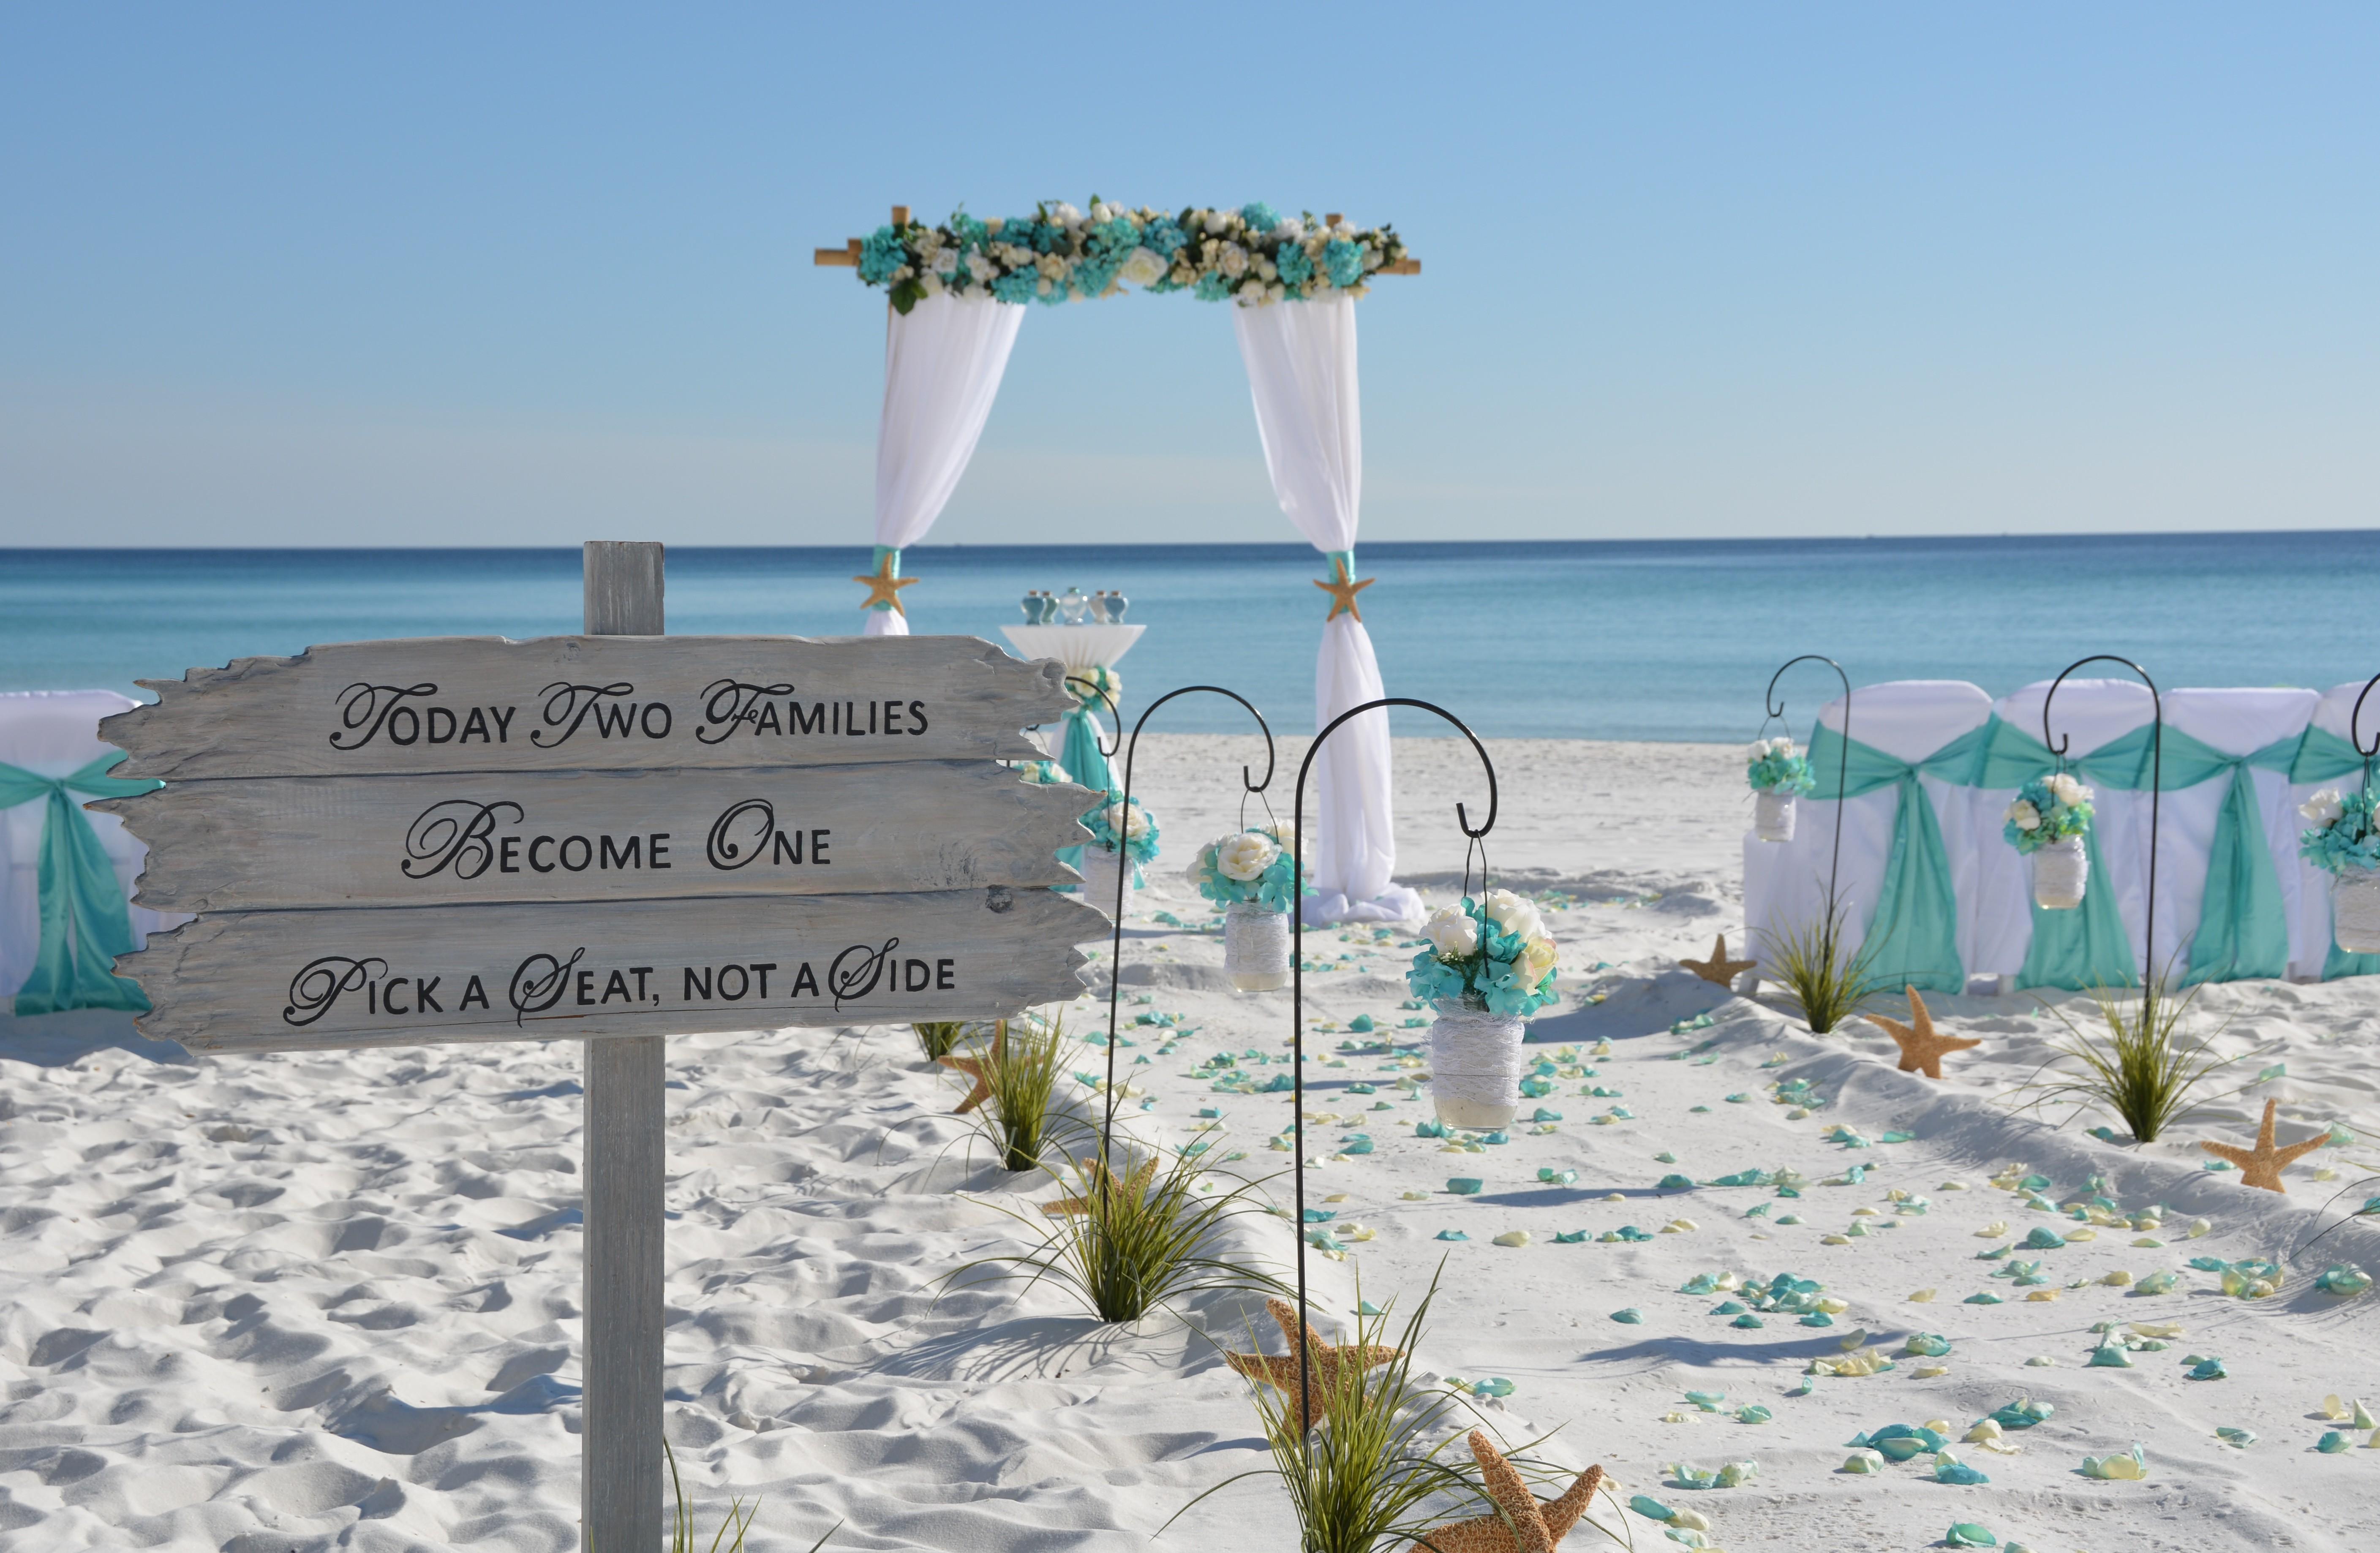 Okaloosa island beach weddings okaloosa island beach weddings fort walton beach wedding packages sunset beach weddings on okaloosa island